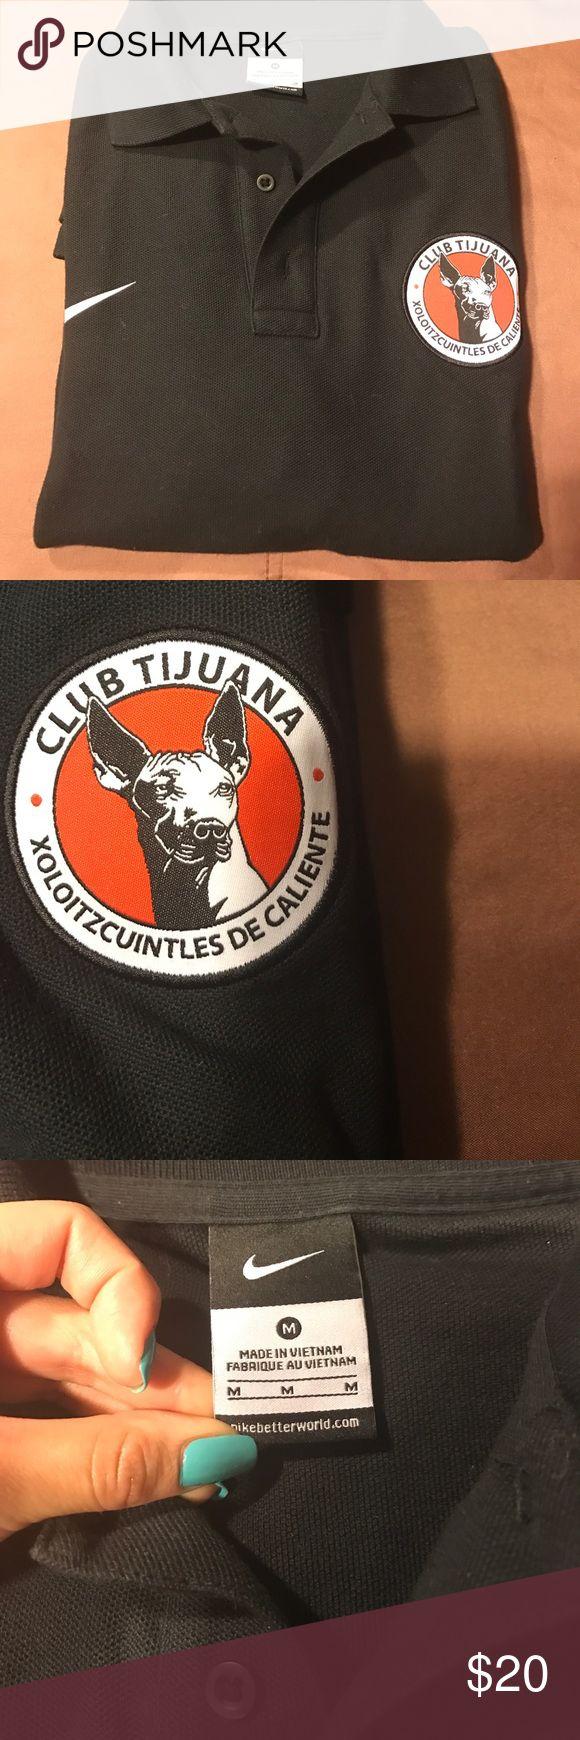 NIKE Club Tijuana Polo Size M. Worn once. Nike Shirts Polos